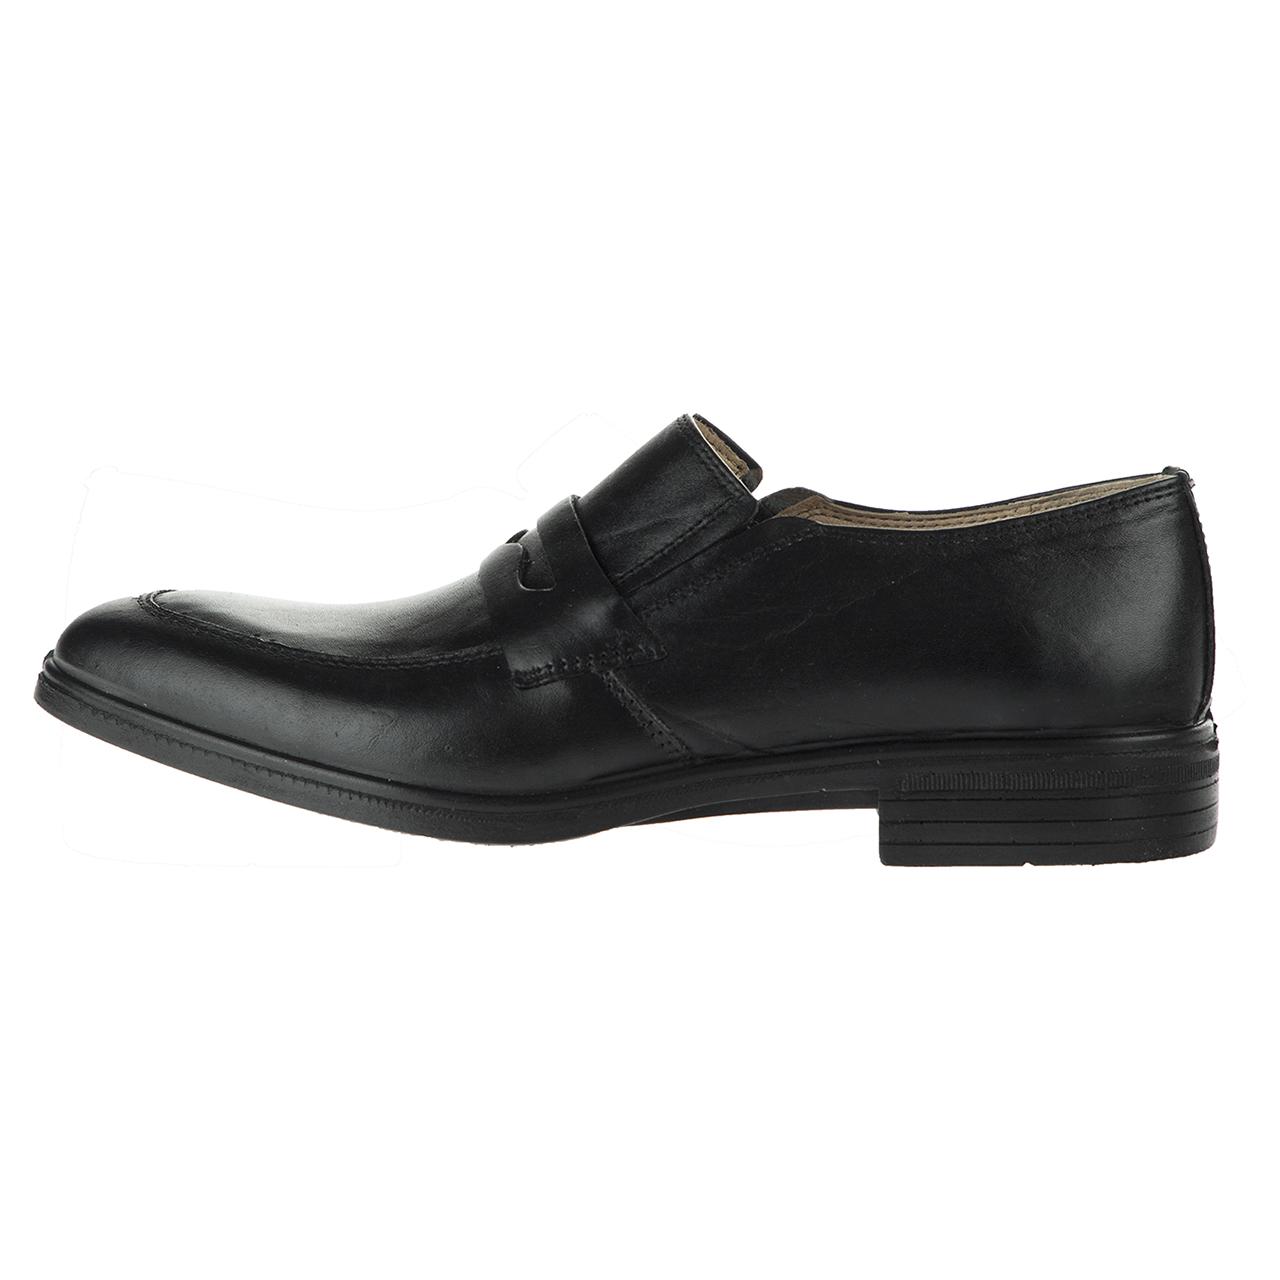 کفش چرم مردانه ونوس کد 333